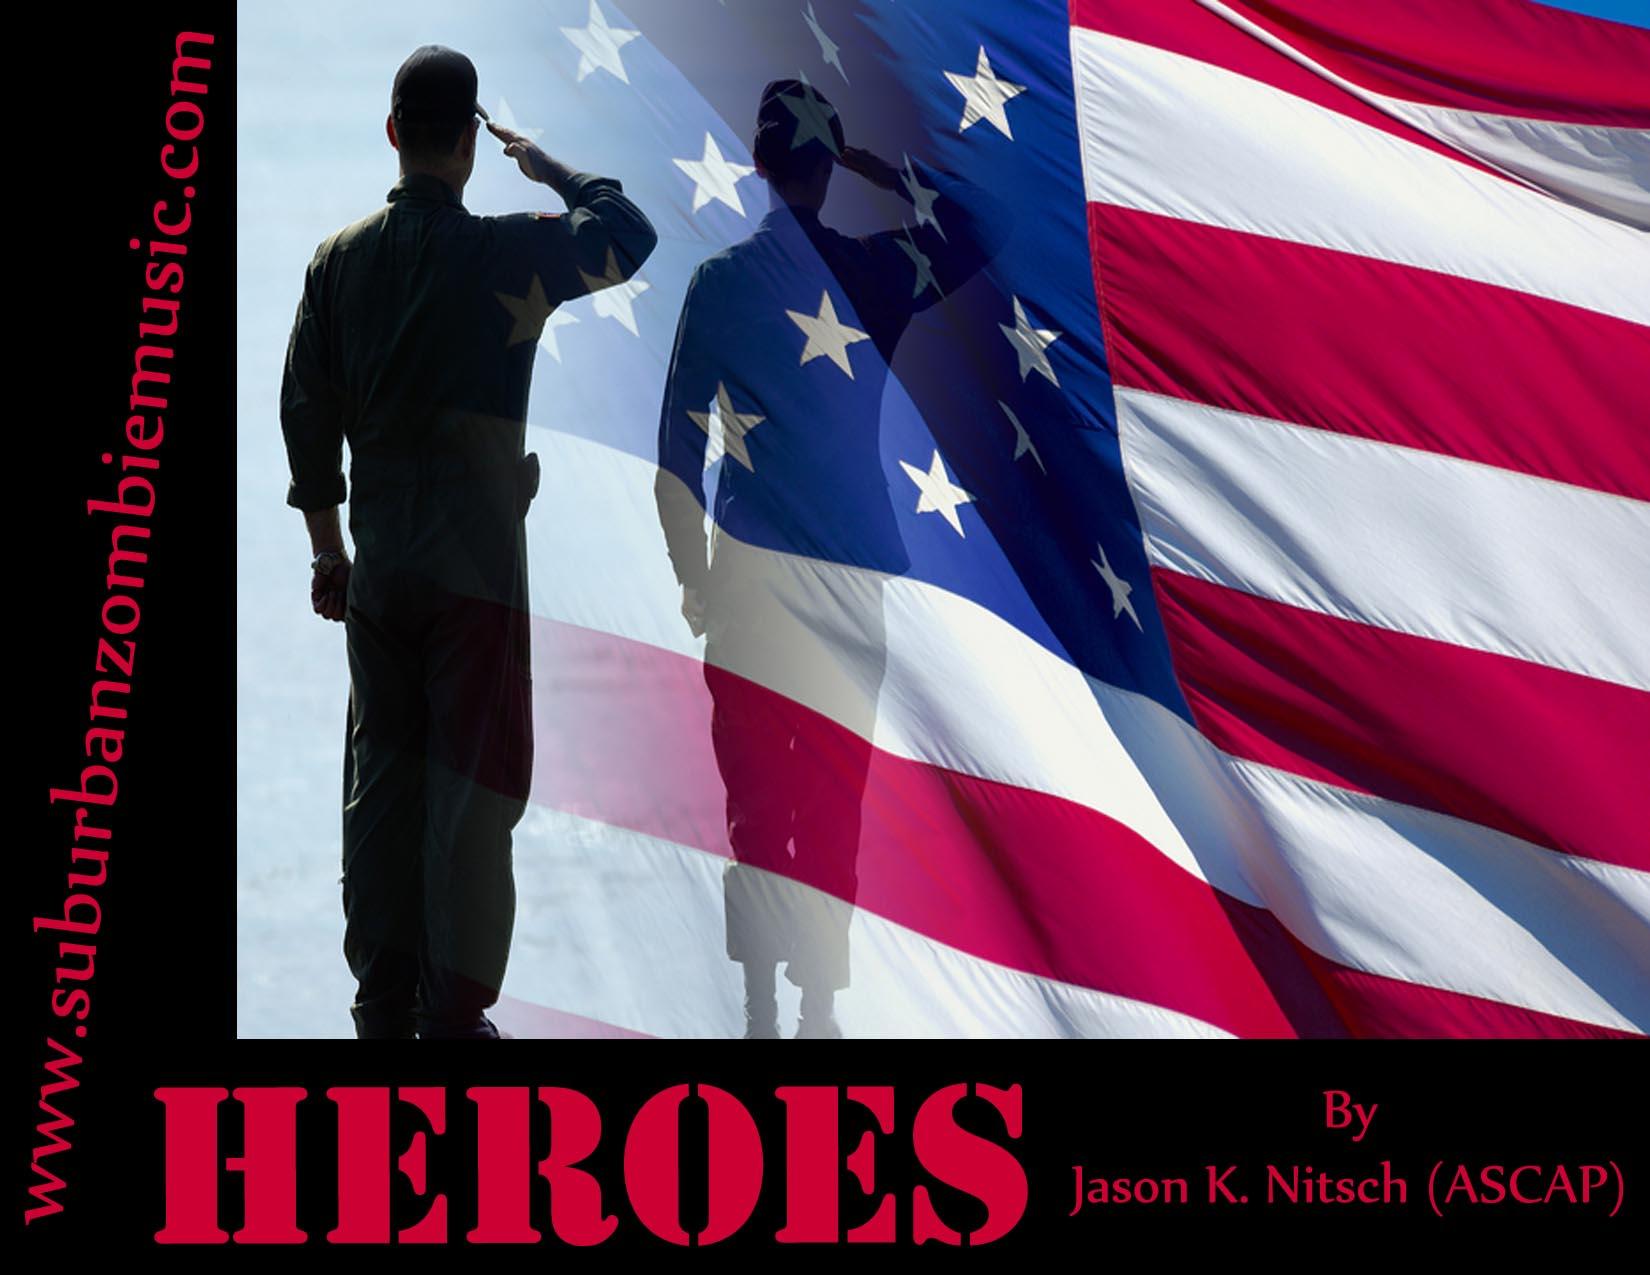 Heroes Title Page.jpg